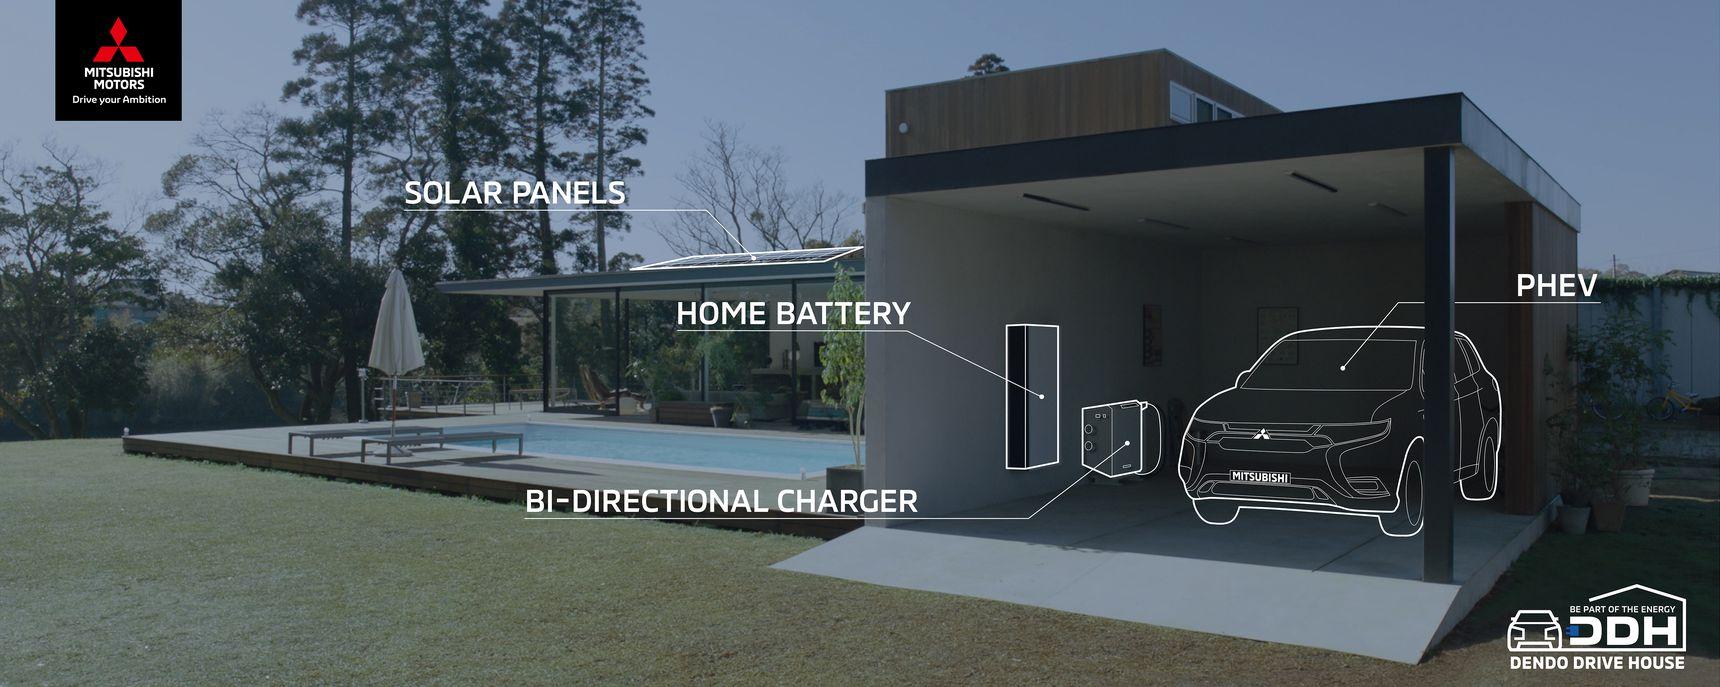 Mitsubishi Dendo Drive House è una centrale elettrica personale perl'auto e la casa 1